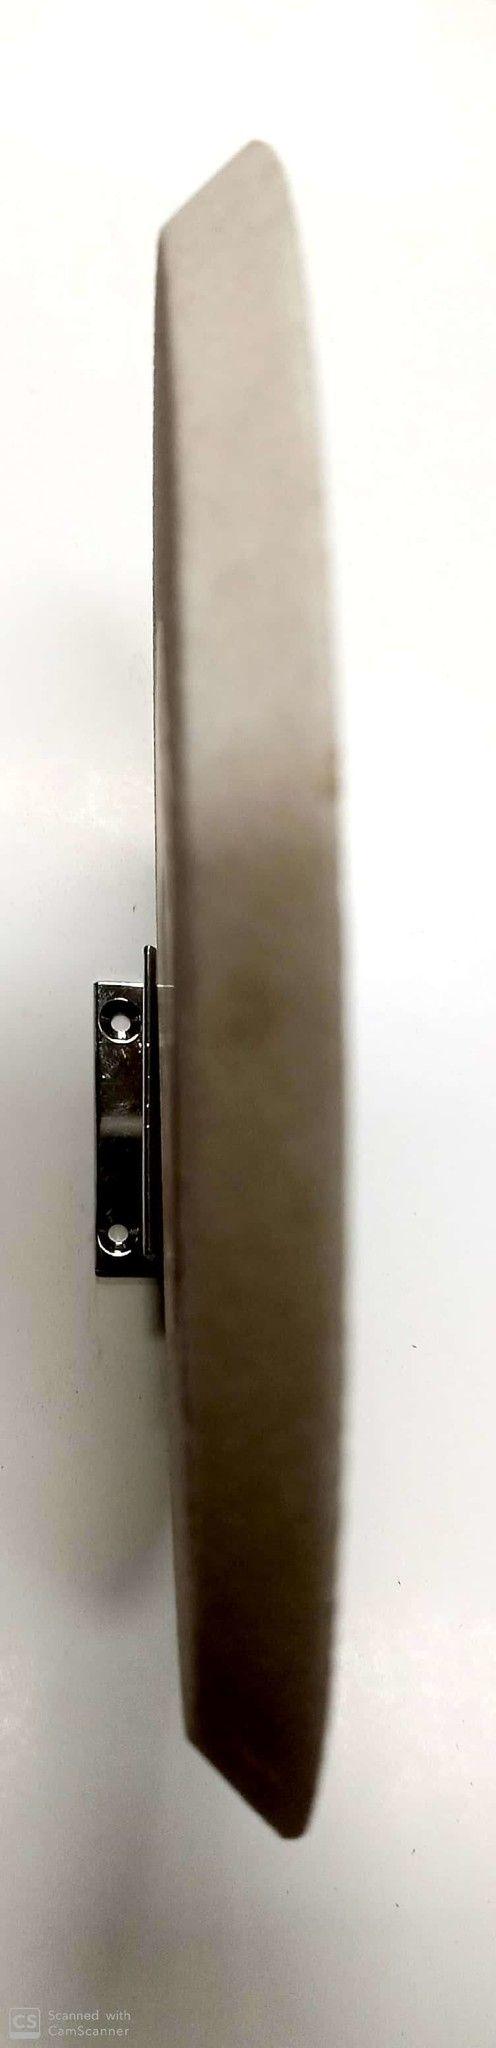 Mola abrasiva a smusso mm 175 x 10 foro 20 al corindone grana 80